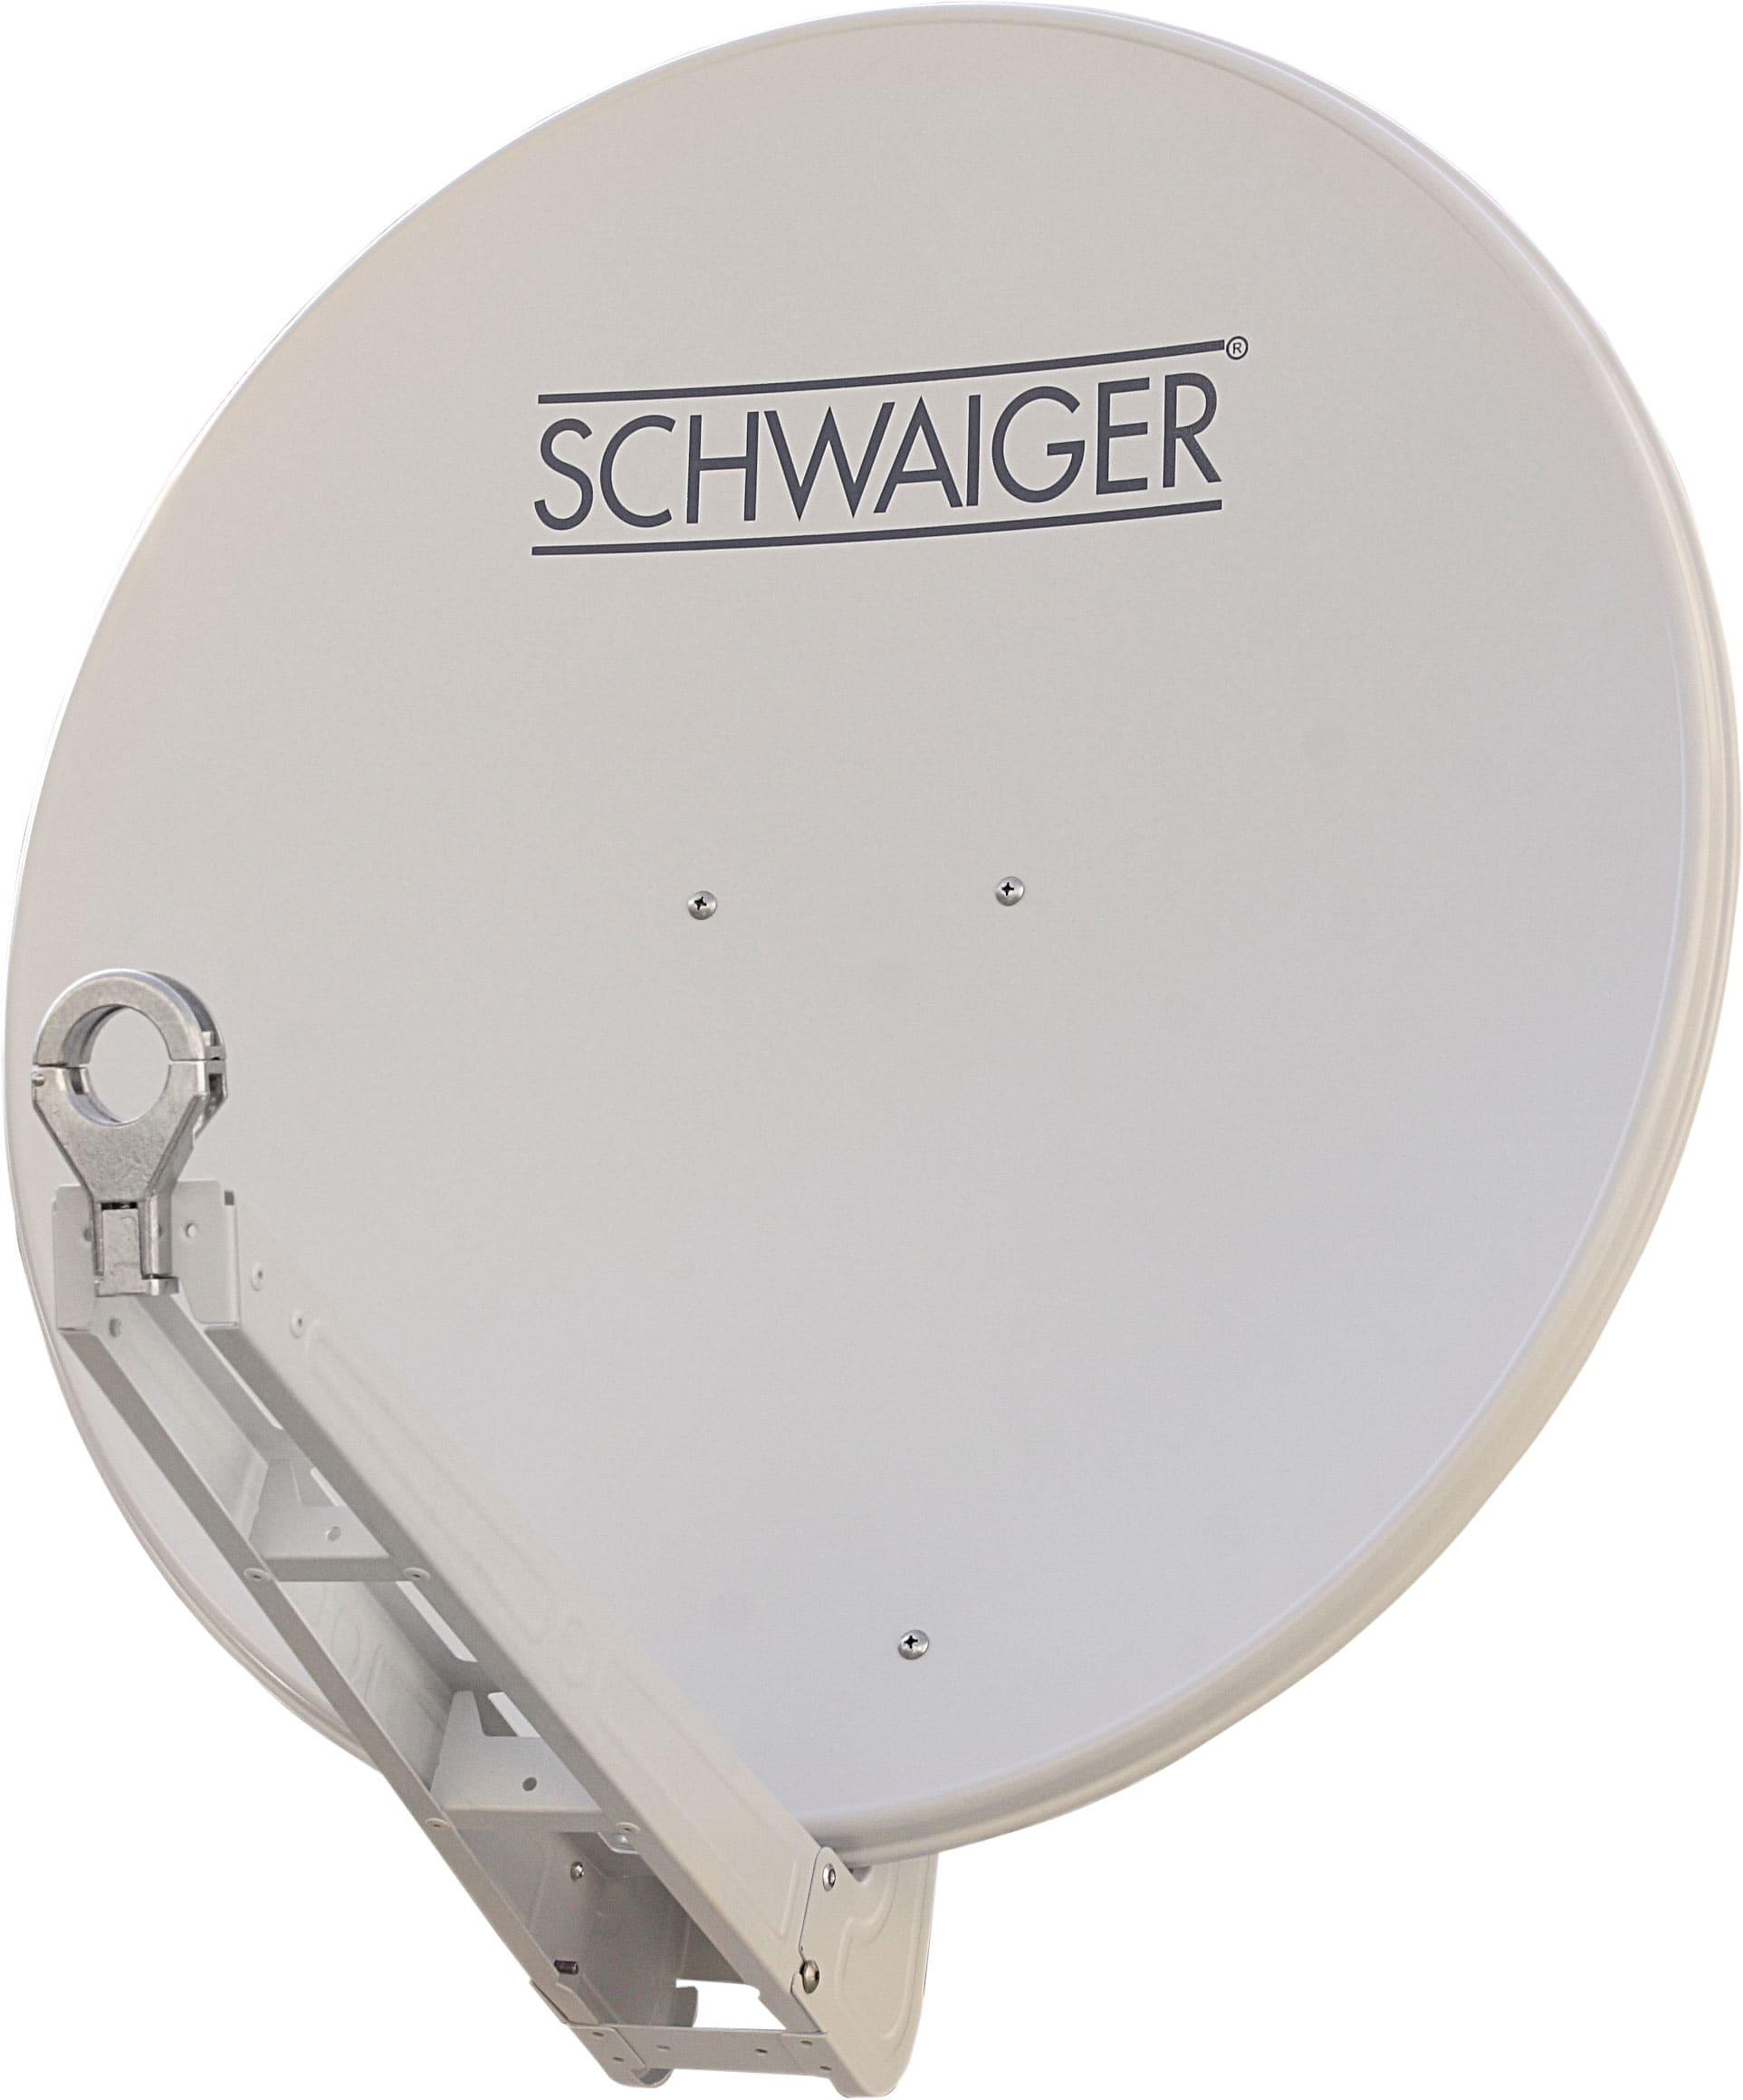 Schwaiger SPI075P Satellitenantenne Alu-Spiegel 75cm Premiumklasse für 112,96 Euro